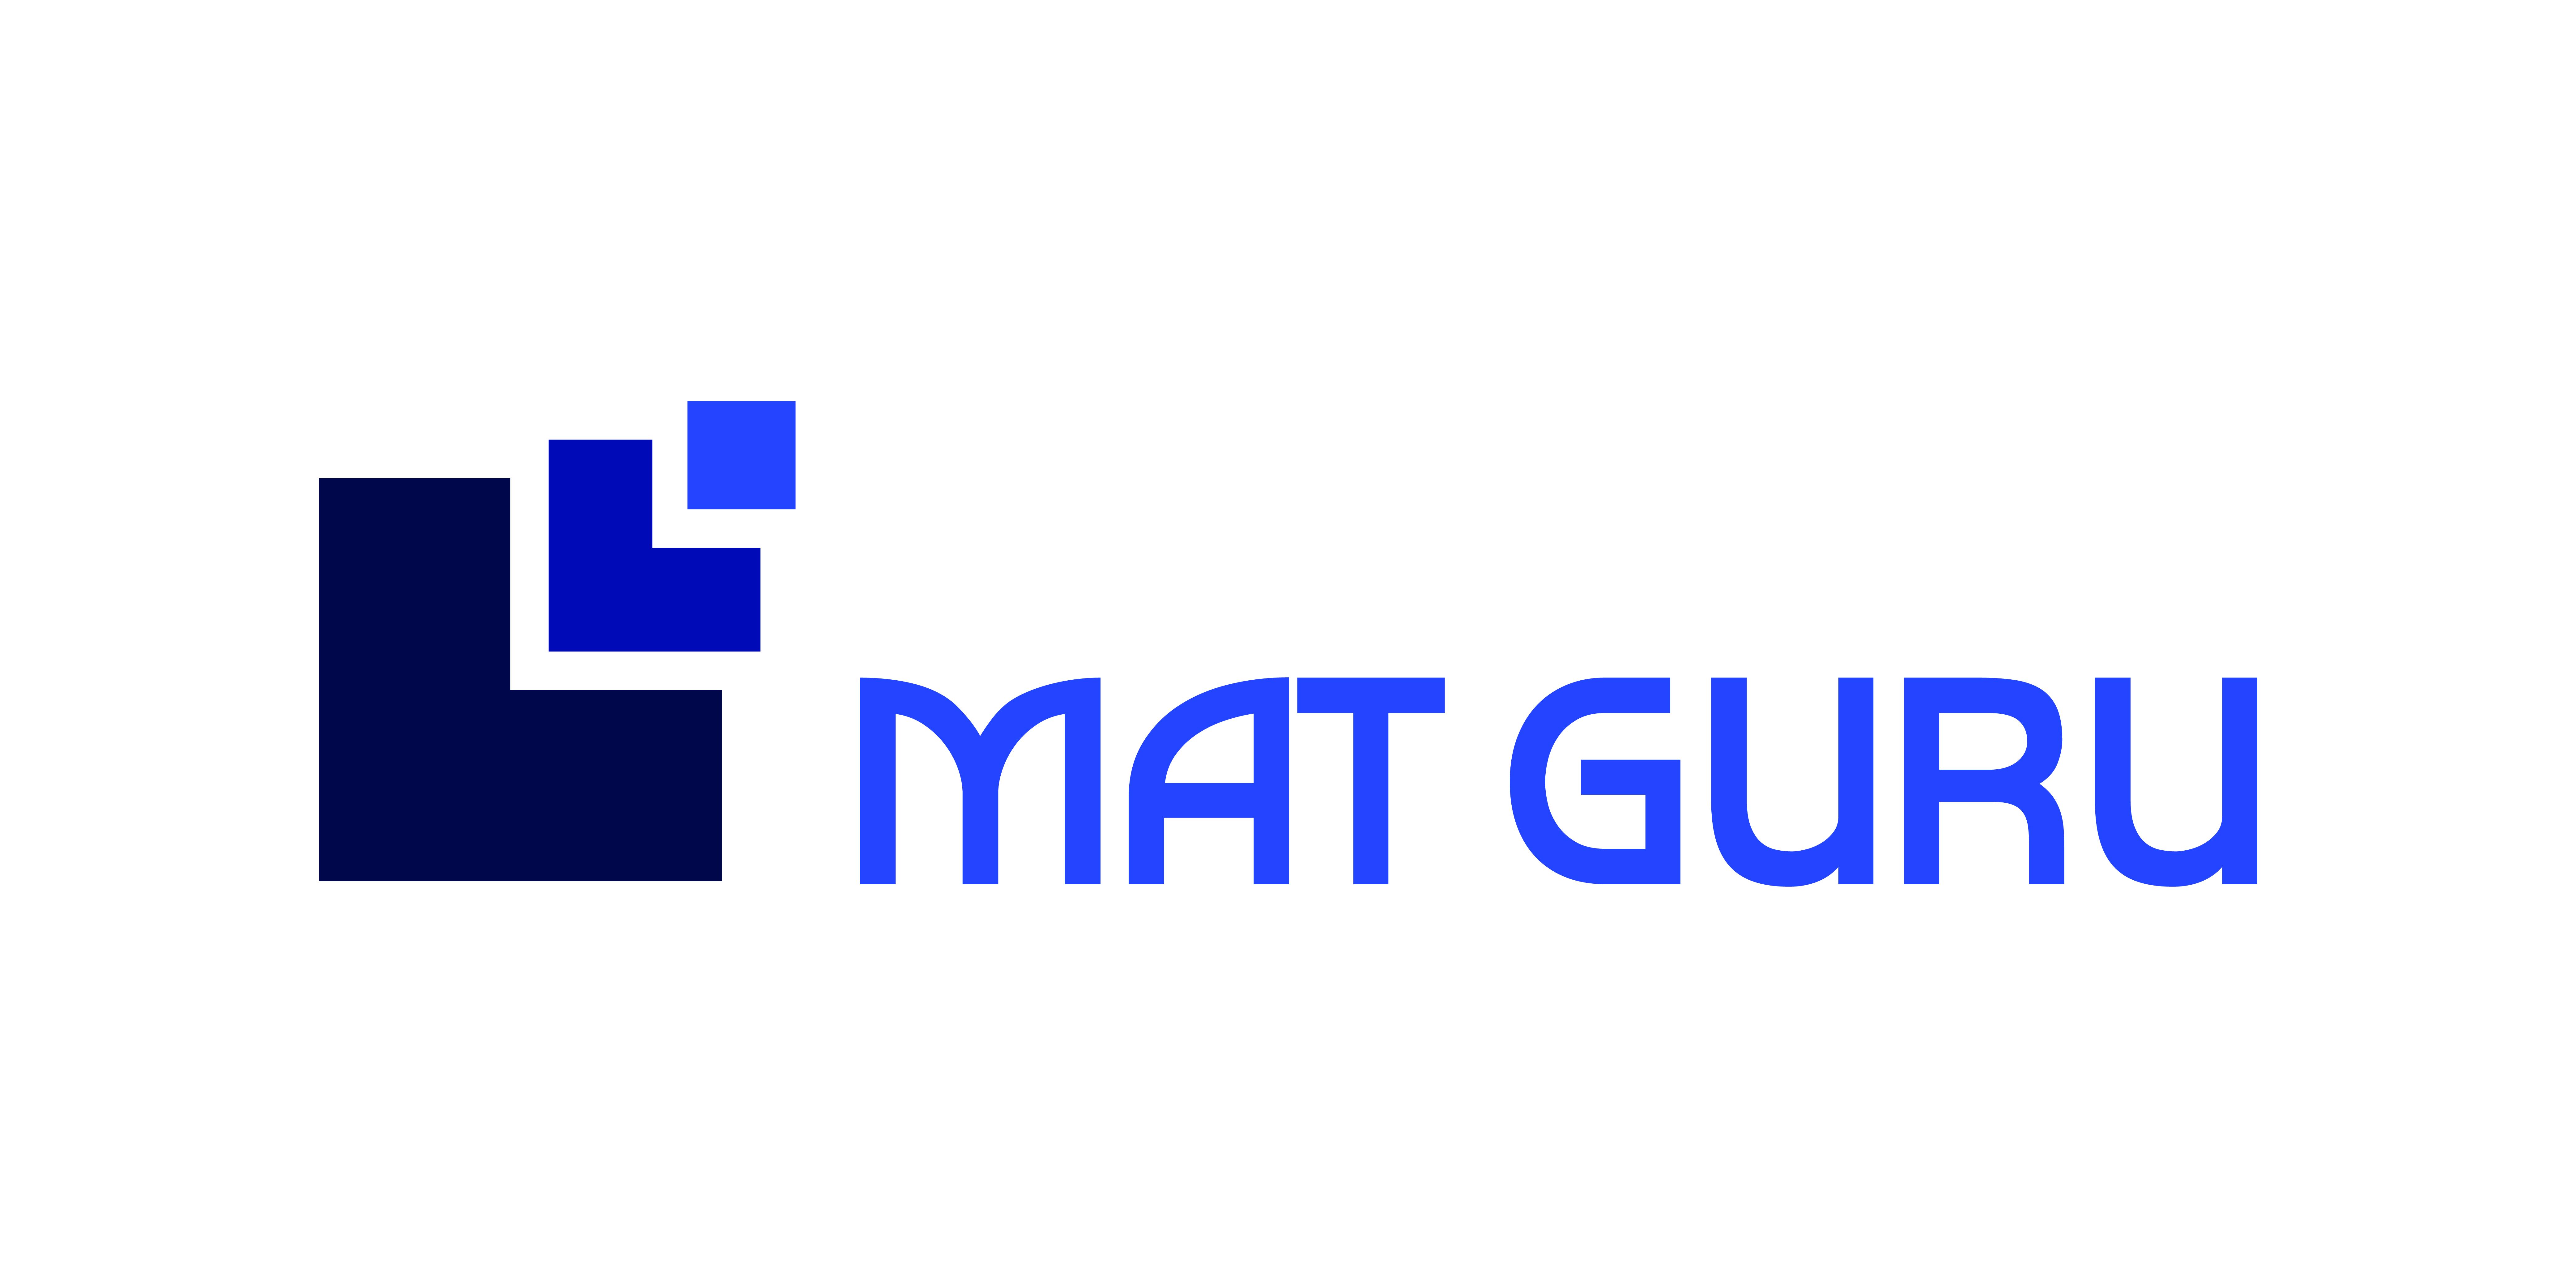 Proven & Lucrative (MAT) Business Model